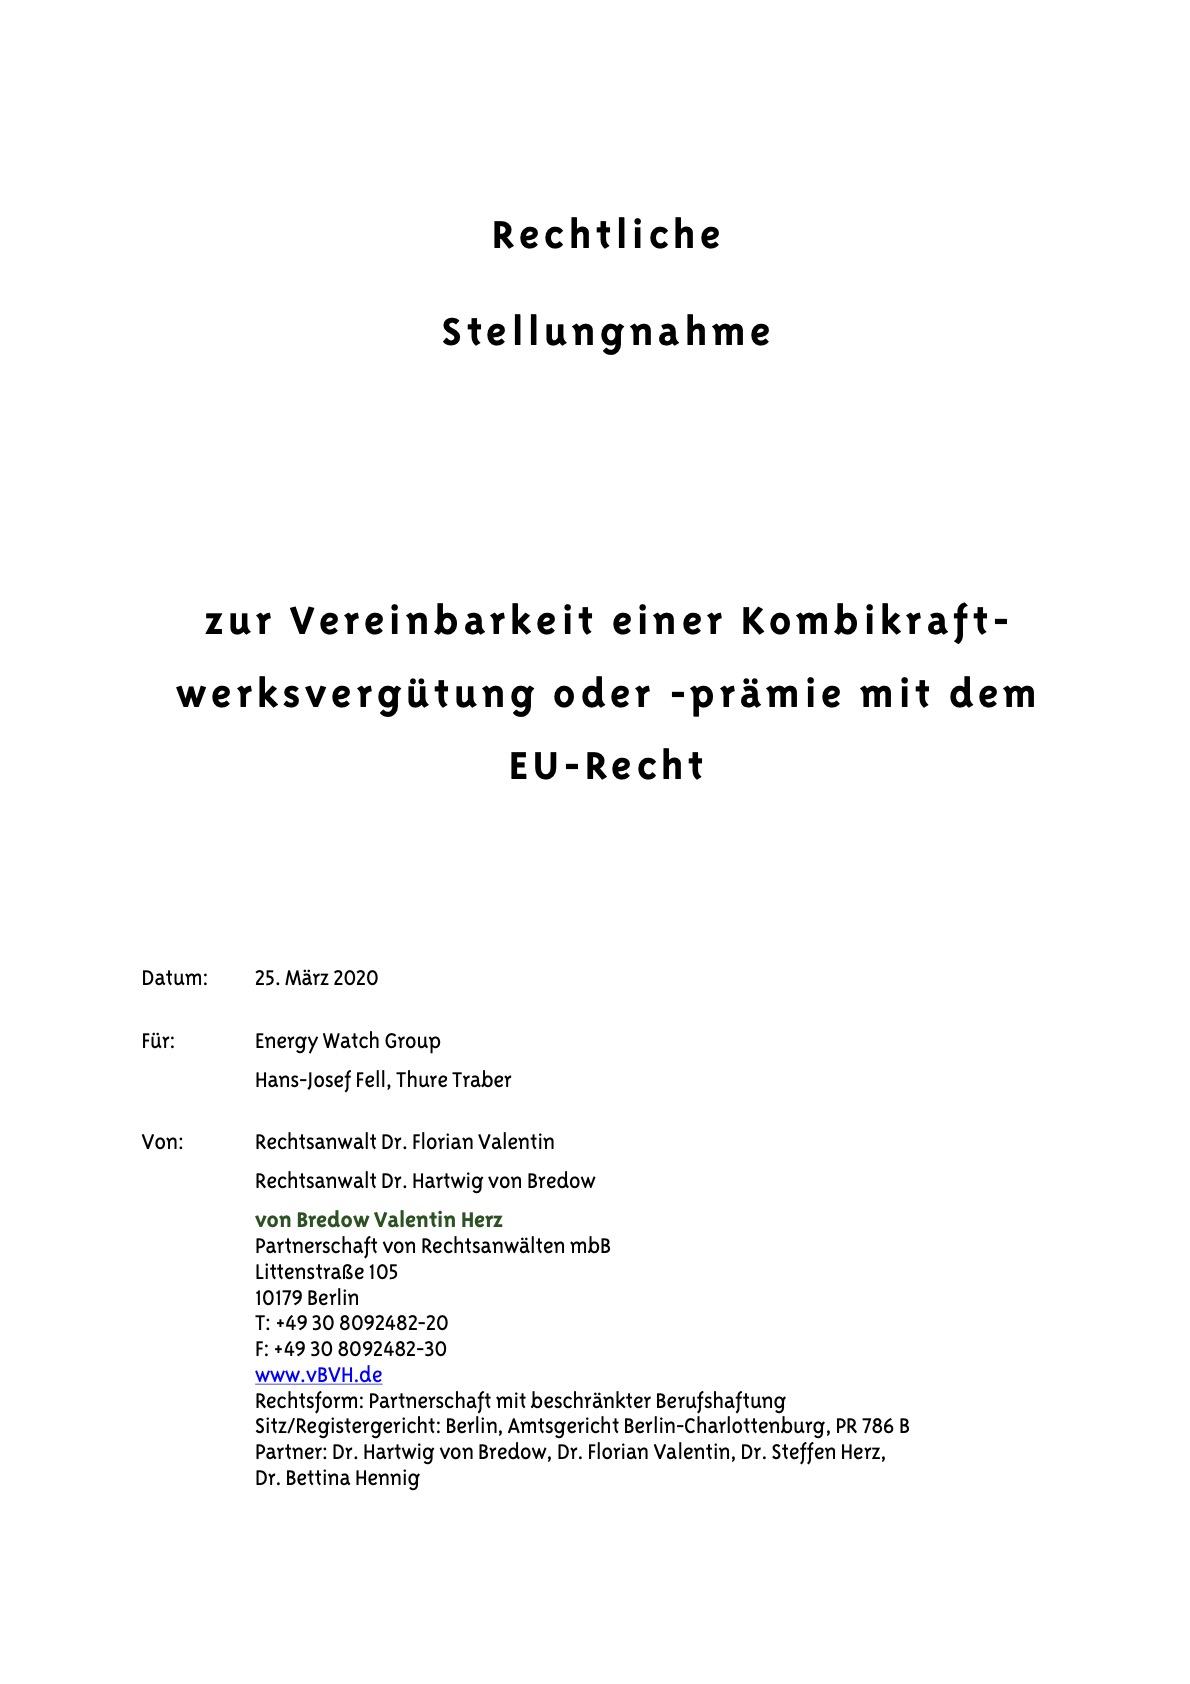 BVH-von-Bredow-Valentin-Herz.-2020.-Rechtliche-Stellungnahme-zur-Vereinbarkeit-einer-Kombikraftwerksvergütung-oder-prämie-mit-dem-EU-Recht.-Erstellt-für-EWG